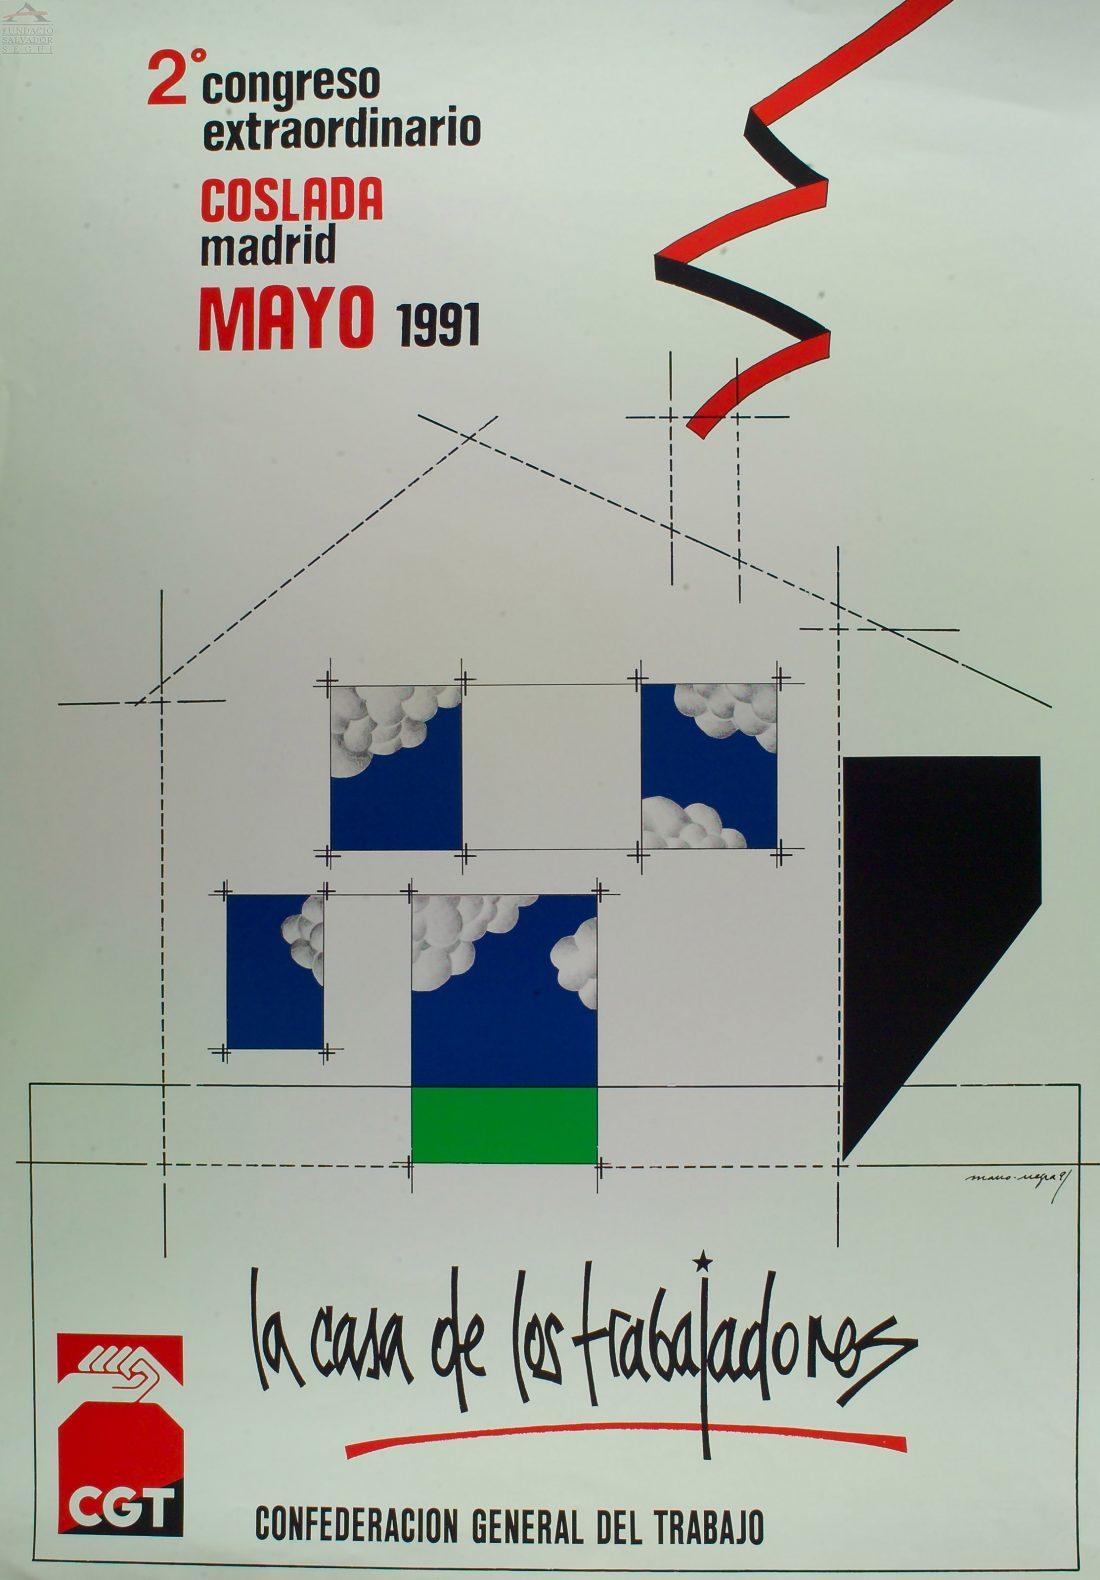 Cartel II Congreso Extraordinario CGT (Coslada 1991)